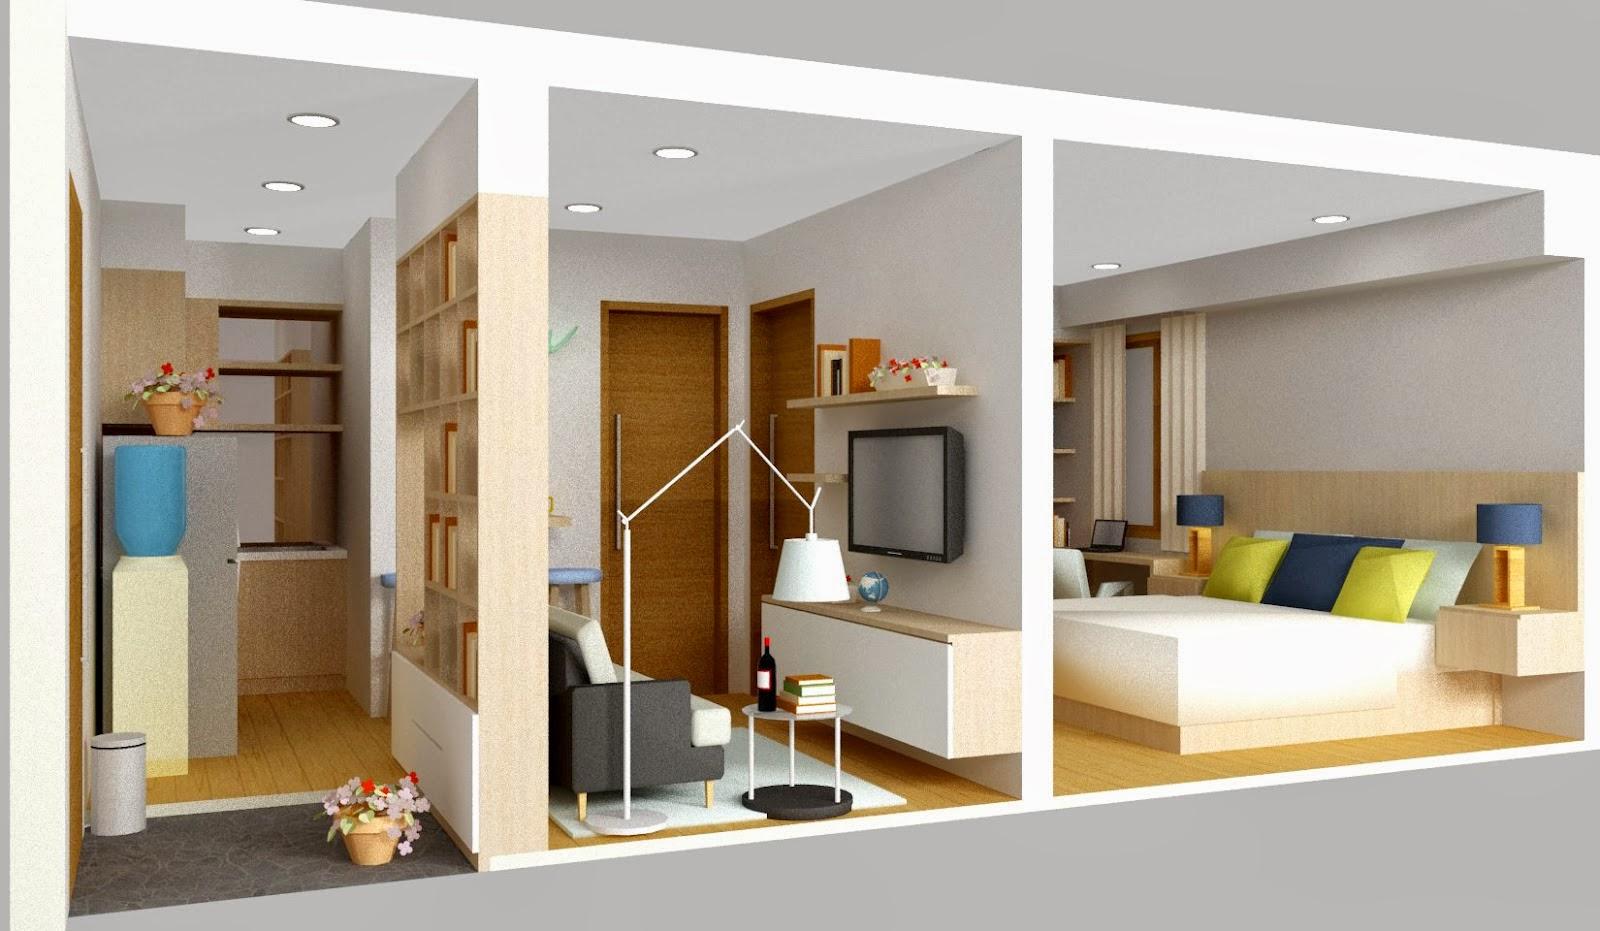 pengertian Desain Interior Rumah Minimalis & Pengertian Desain Interior Rumah Minimalis | Gambar Rumah Minimalis